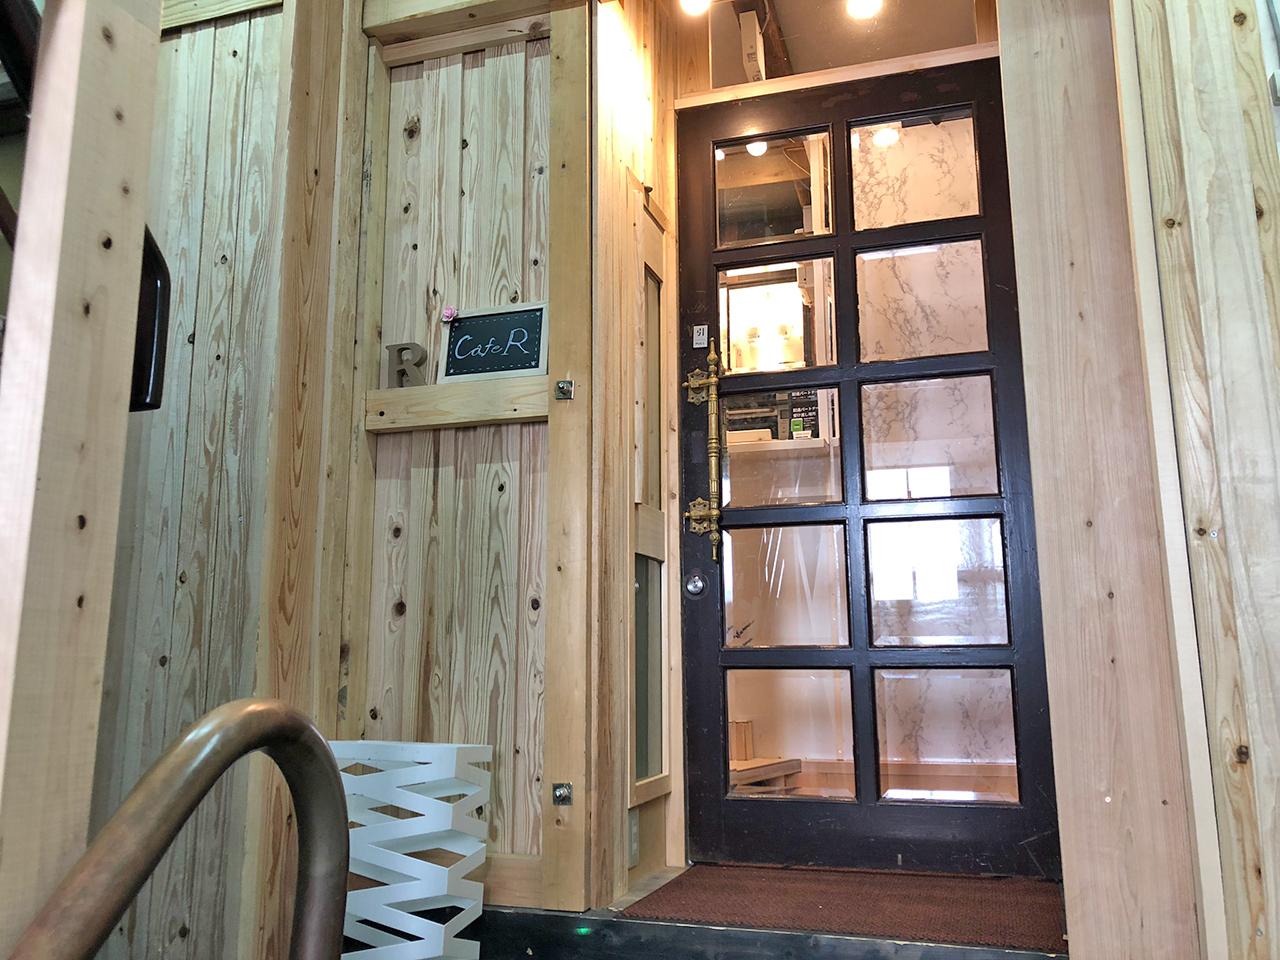 Cafe R カフェスペースの入口の写真